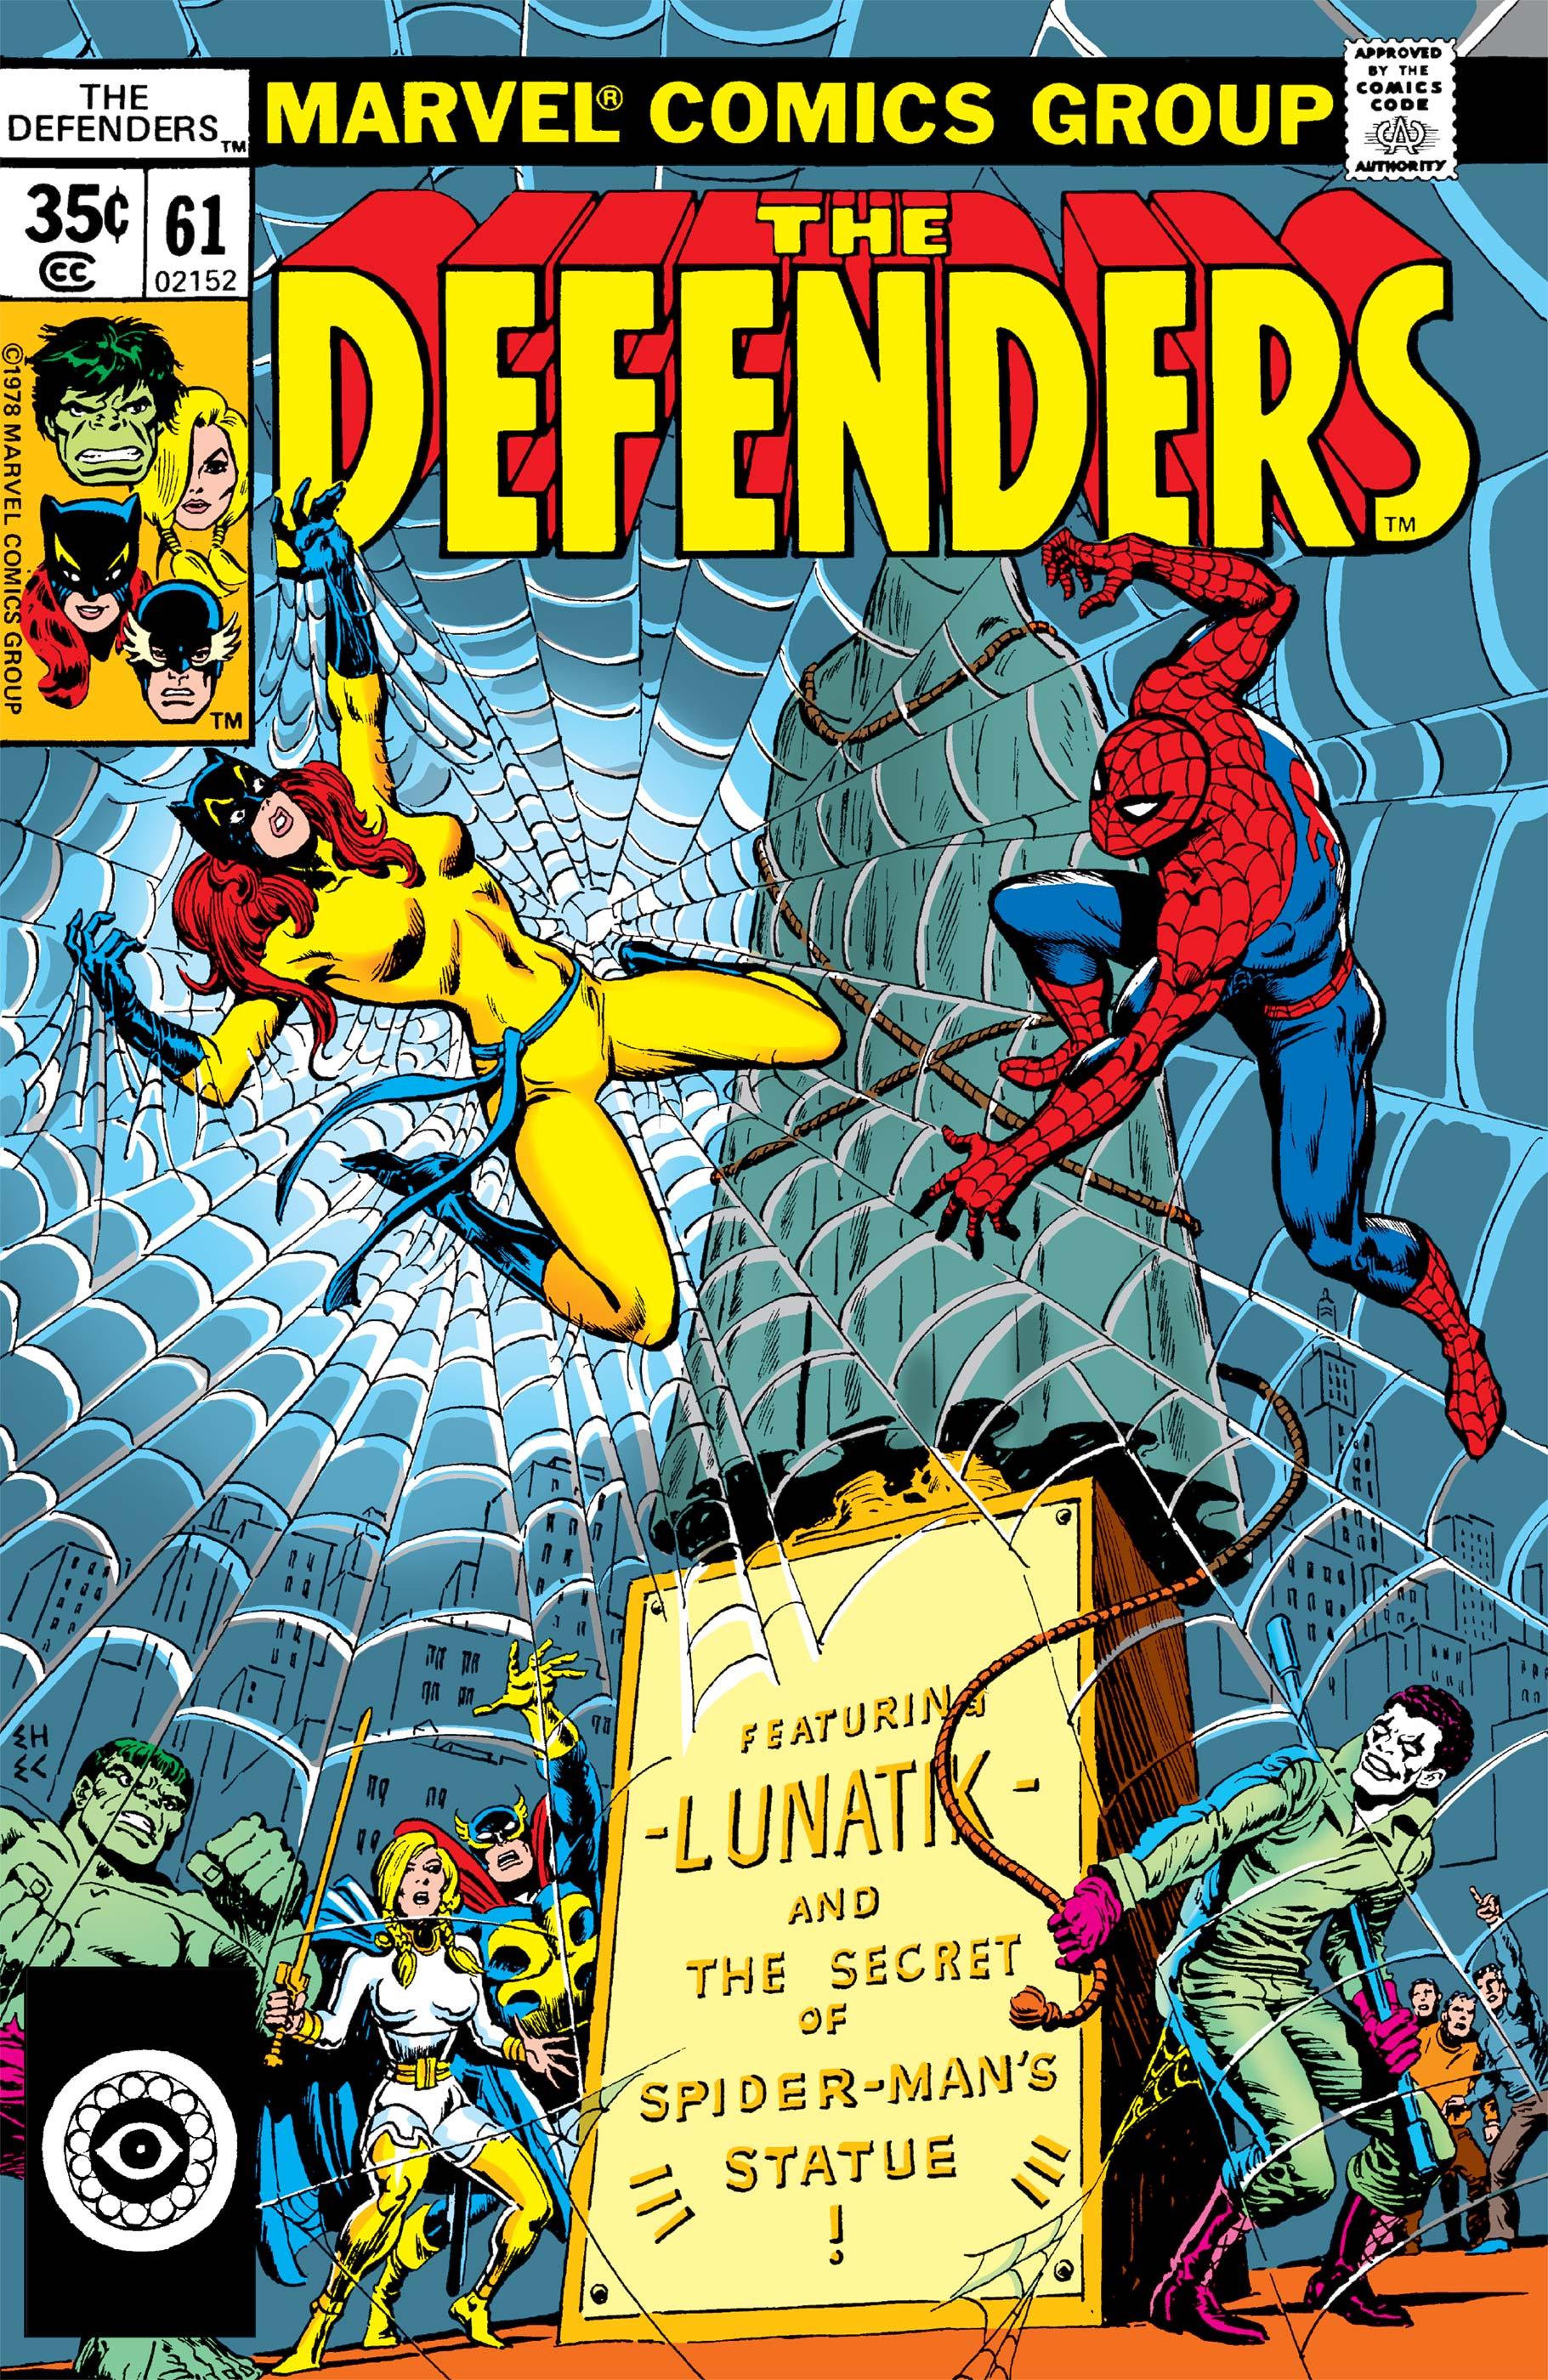 Defenders (1972) #61